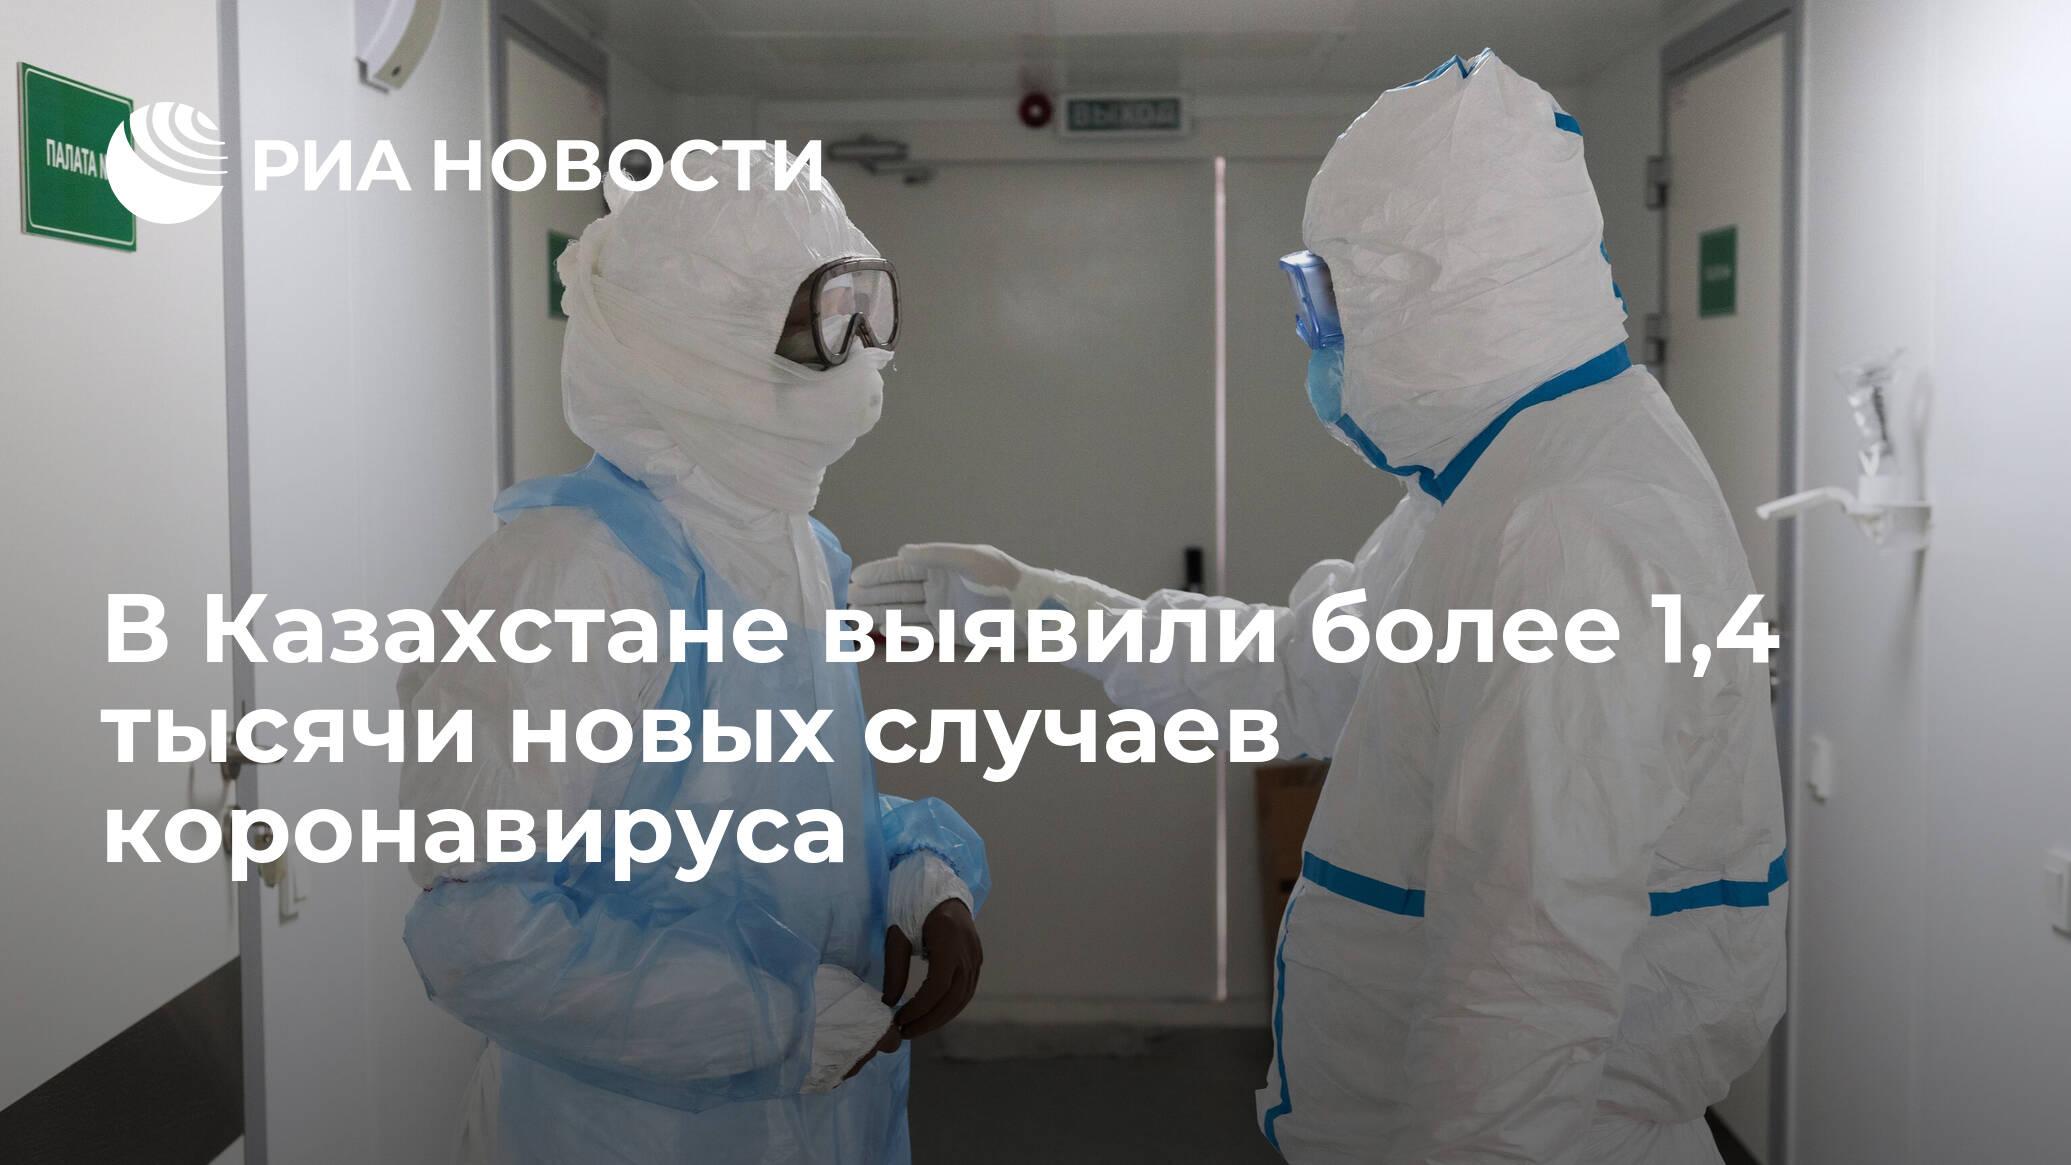 В Казахстане выявили более 1,4 тысячи новых случаев коронавируса